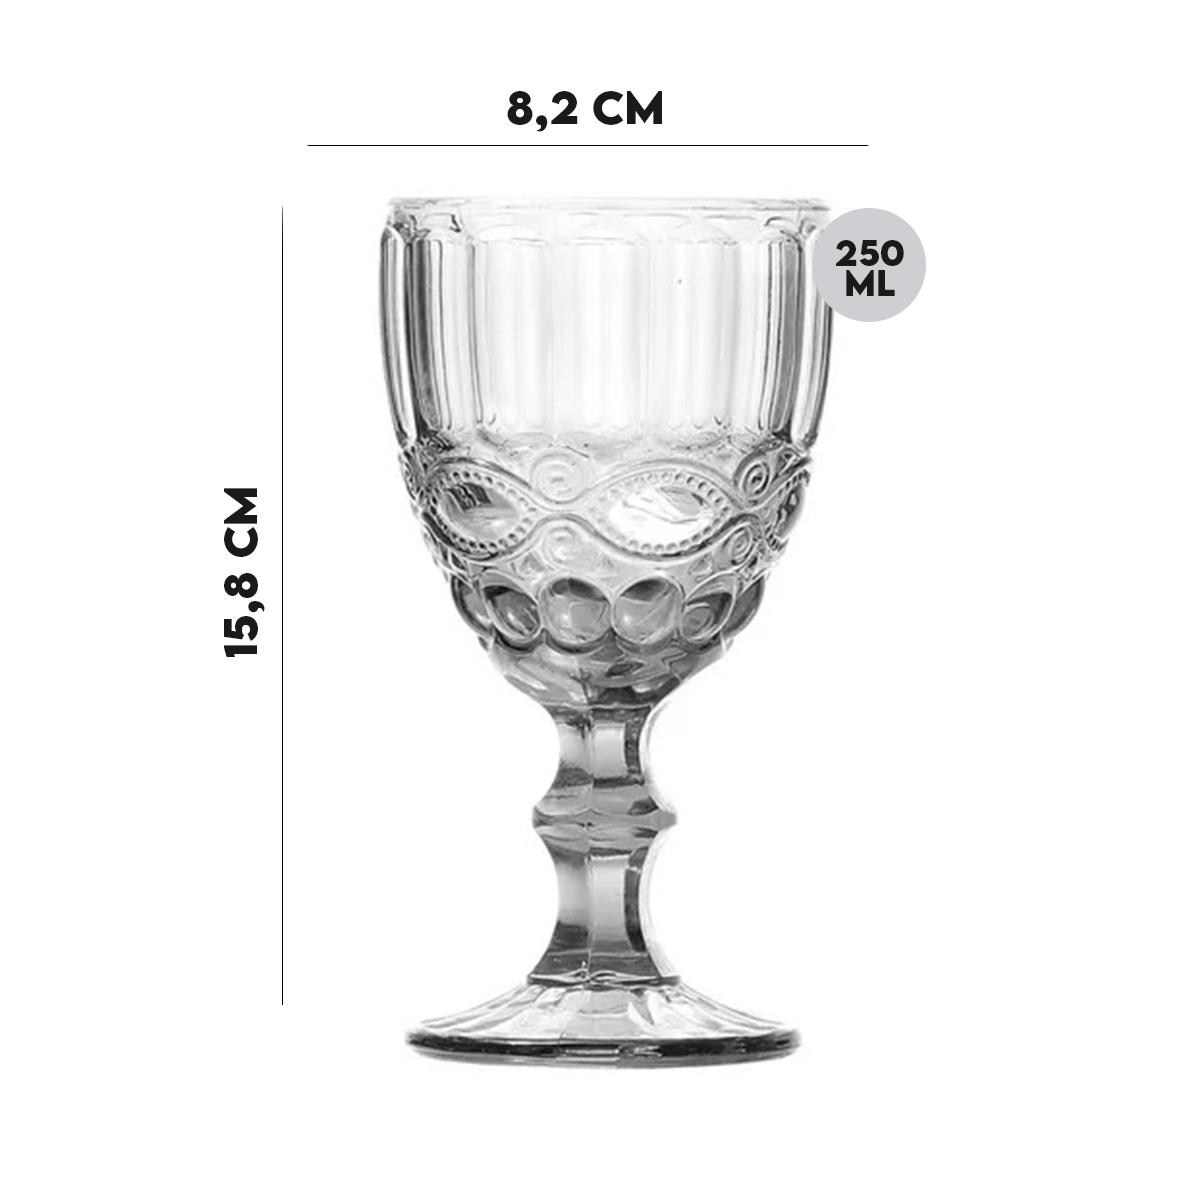 Jogo 6 Taças para Vinho de Vidro Libélula Transparente 250ml  - Lemis